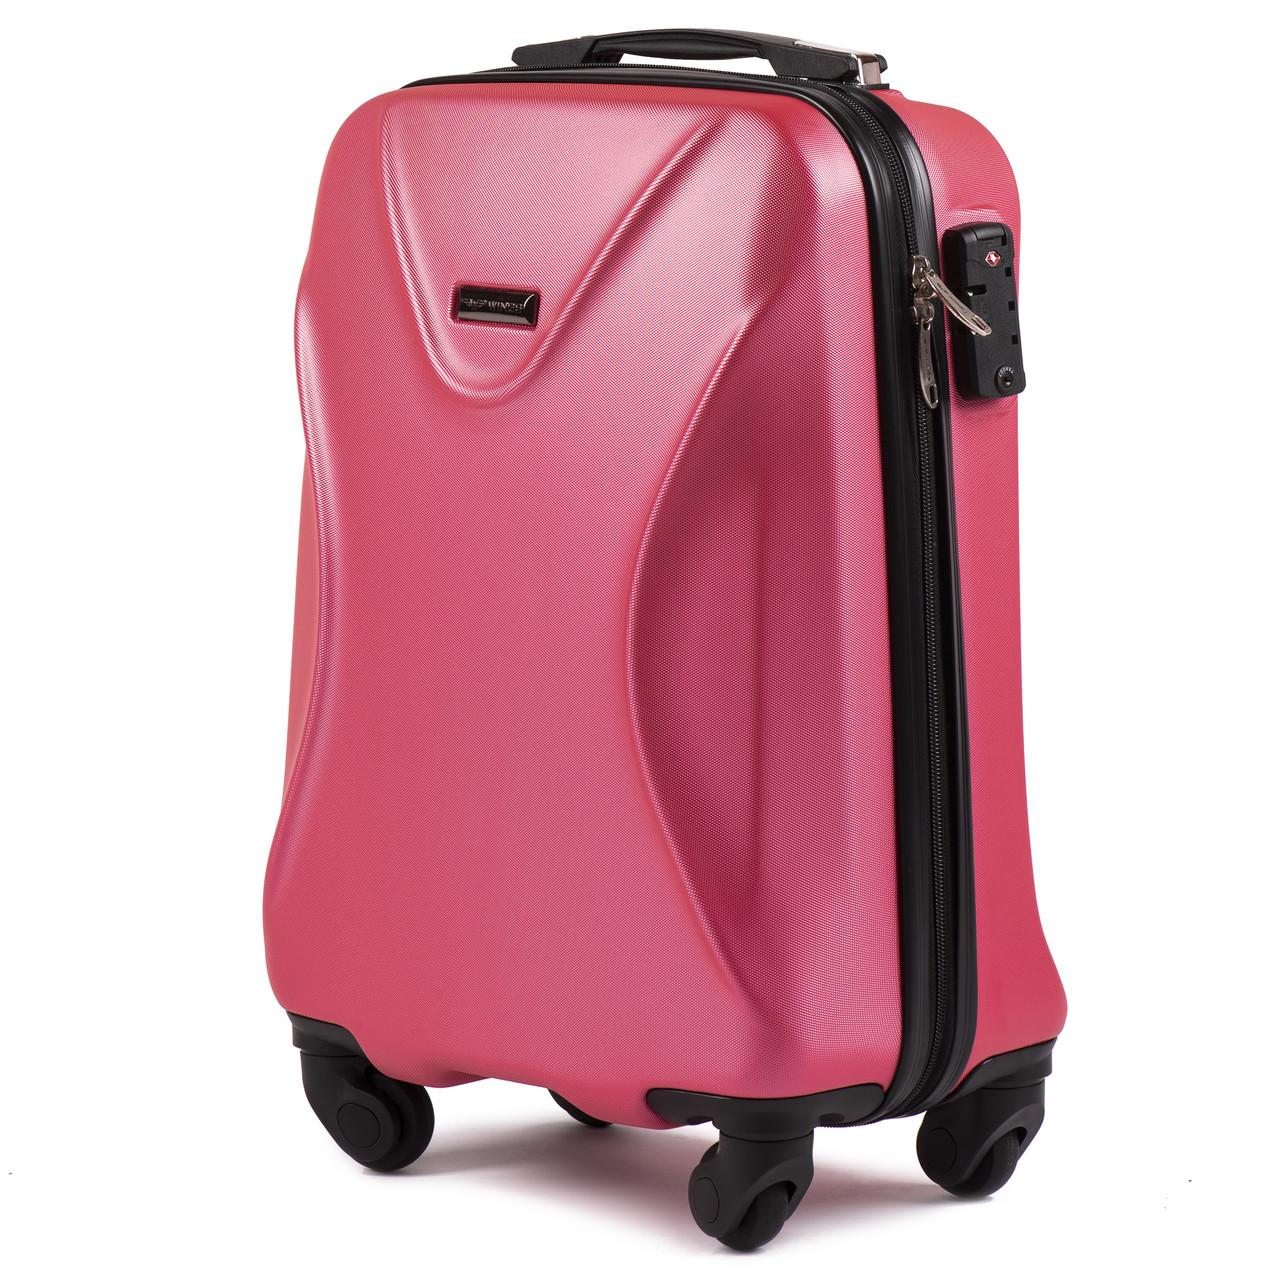 Малый пластиковый чемодан Wings 518 на 4 колесах розовый